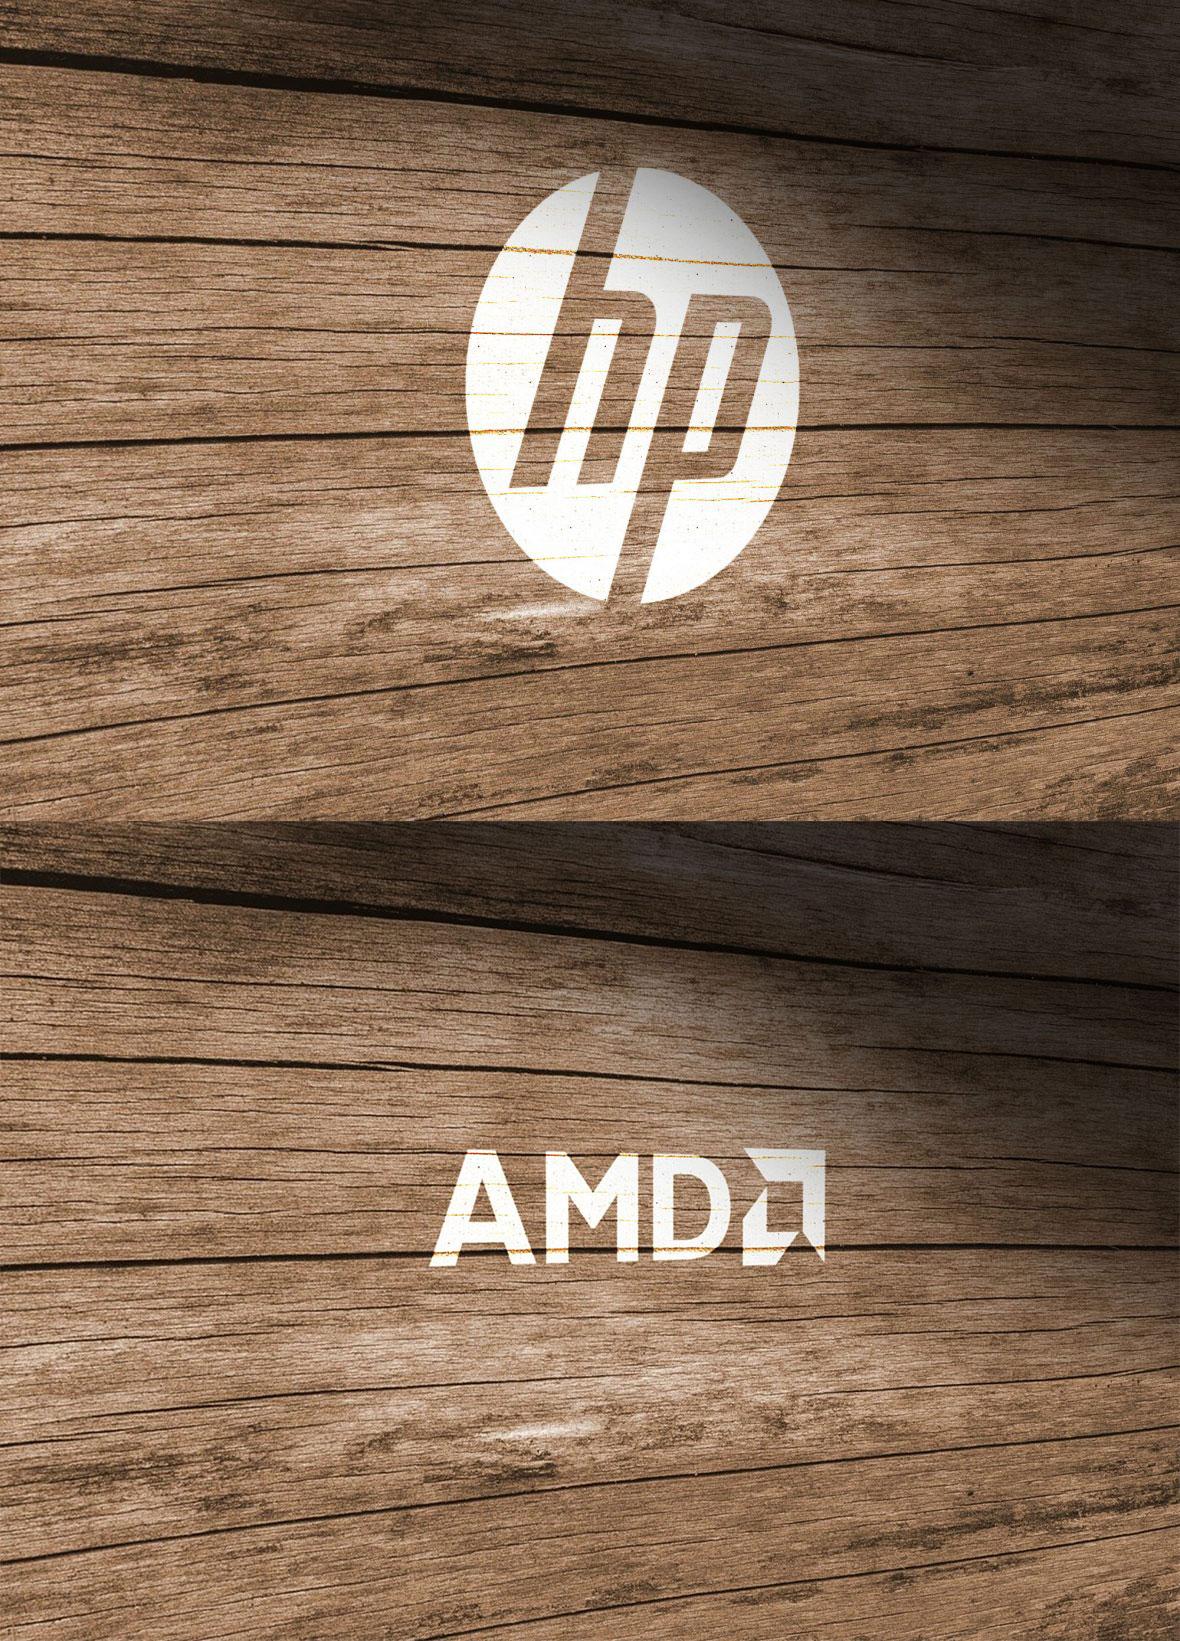 Wood Wall Logo Free PSD Mockup Download